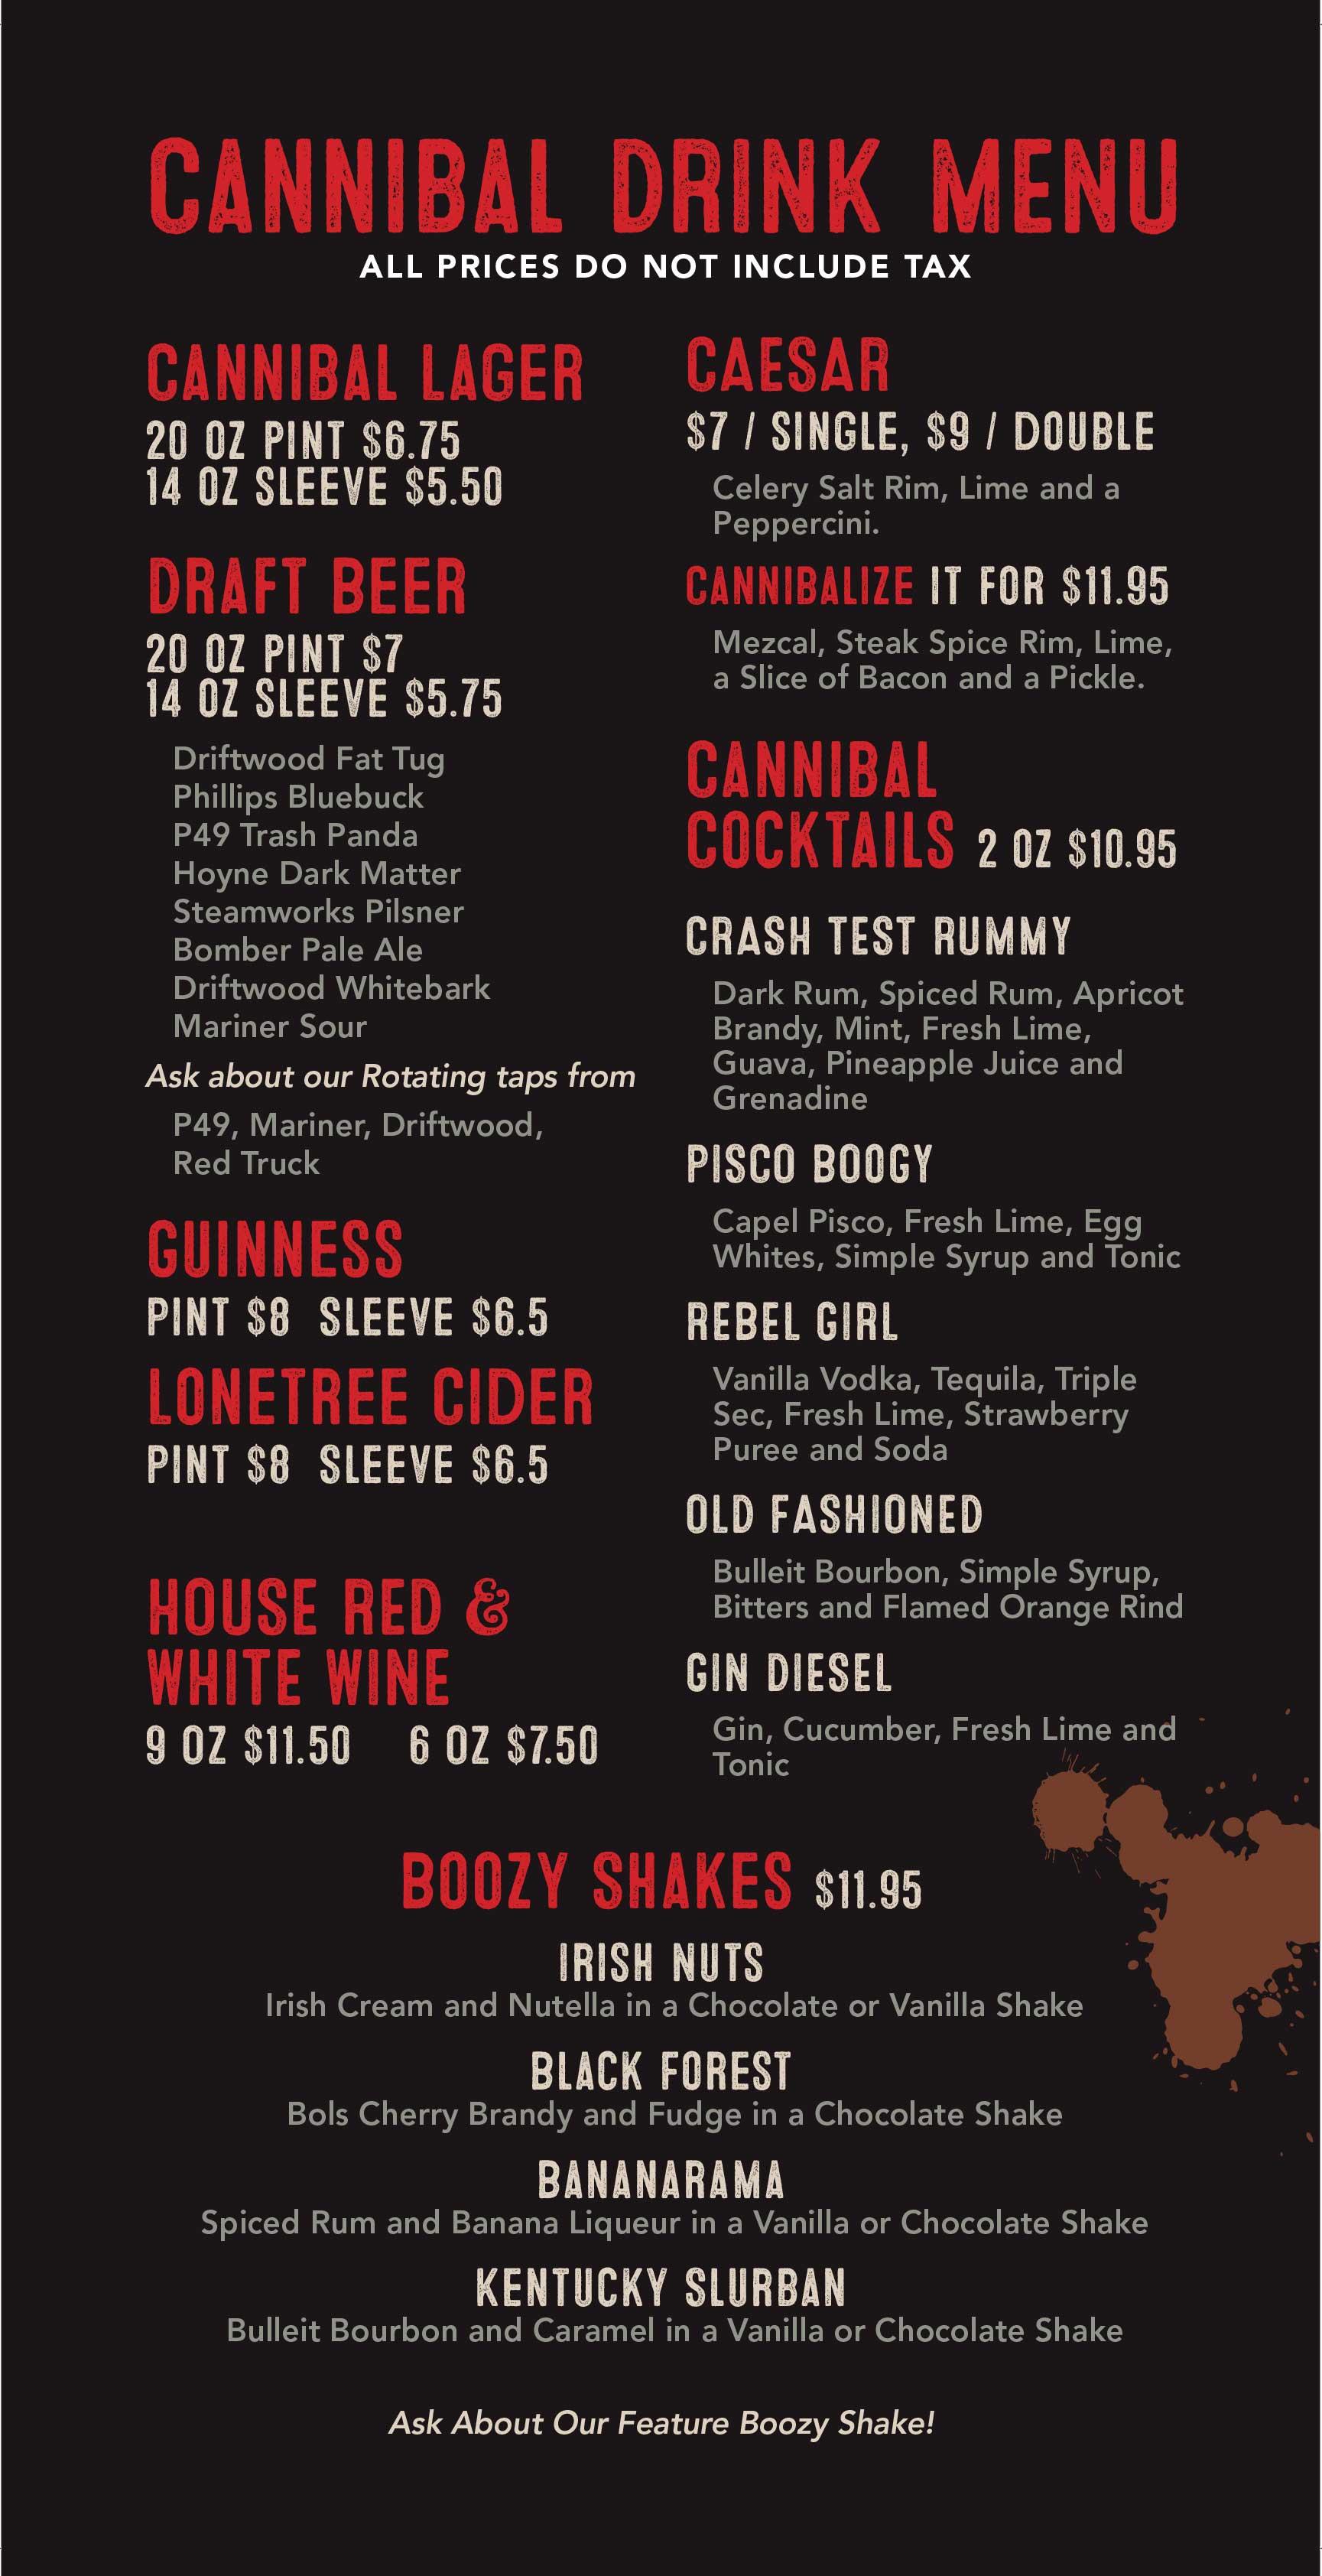 Cannibal-Drinks-Menu-1.jpg